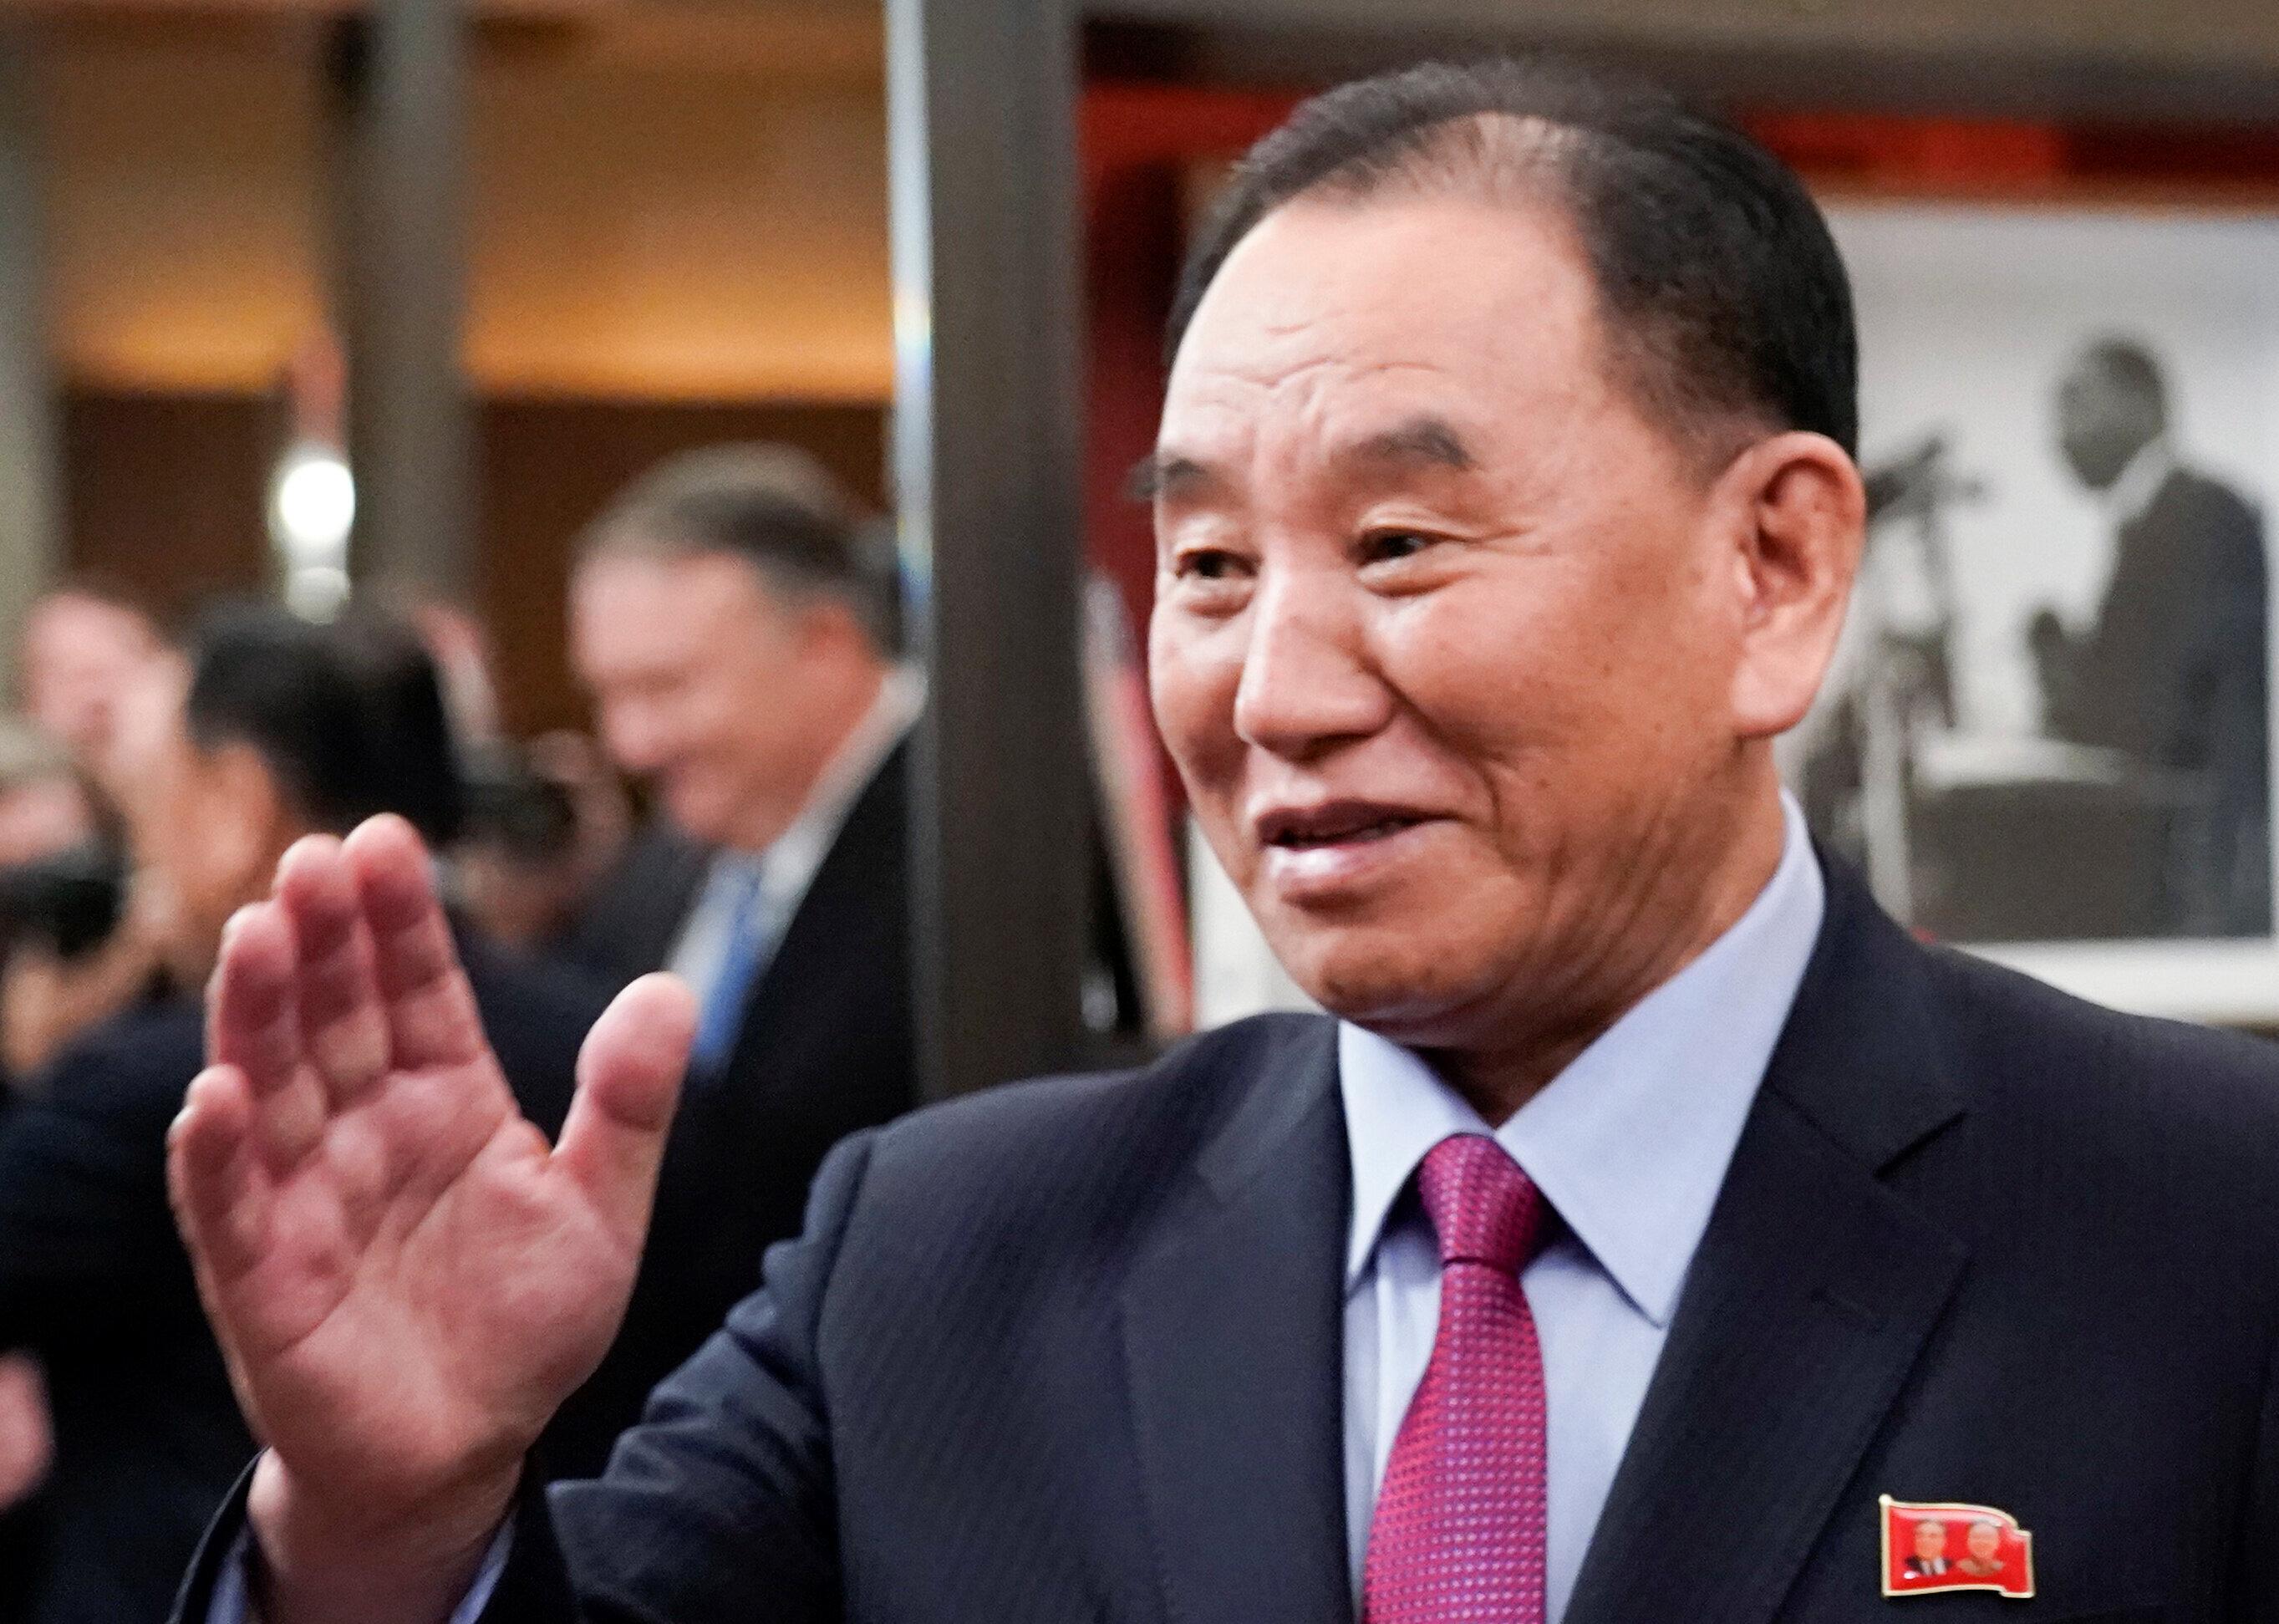 비핵화 협상 이끌던 북한 김영철 통전부장이 전격